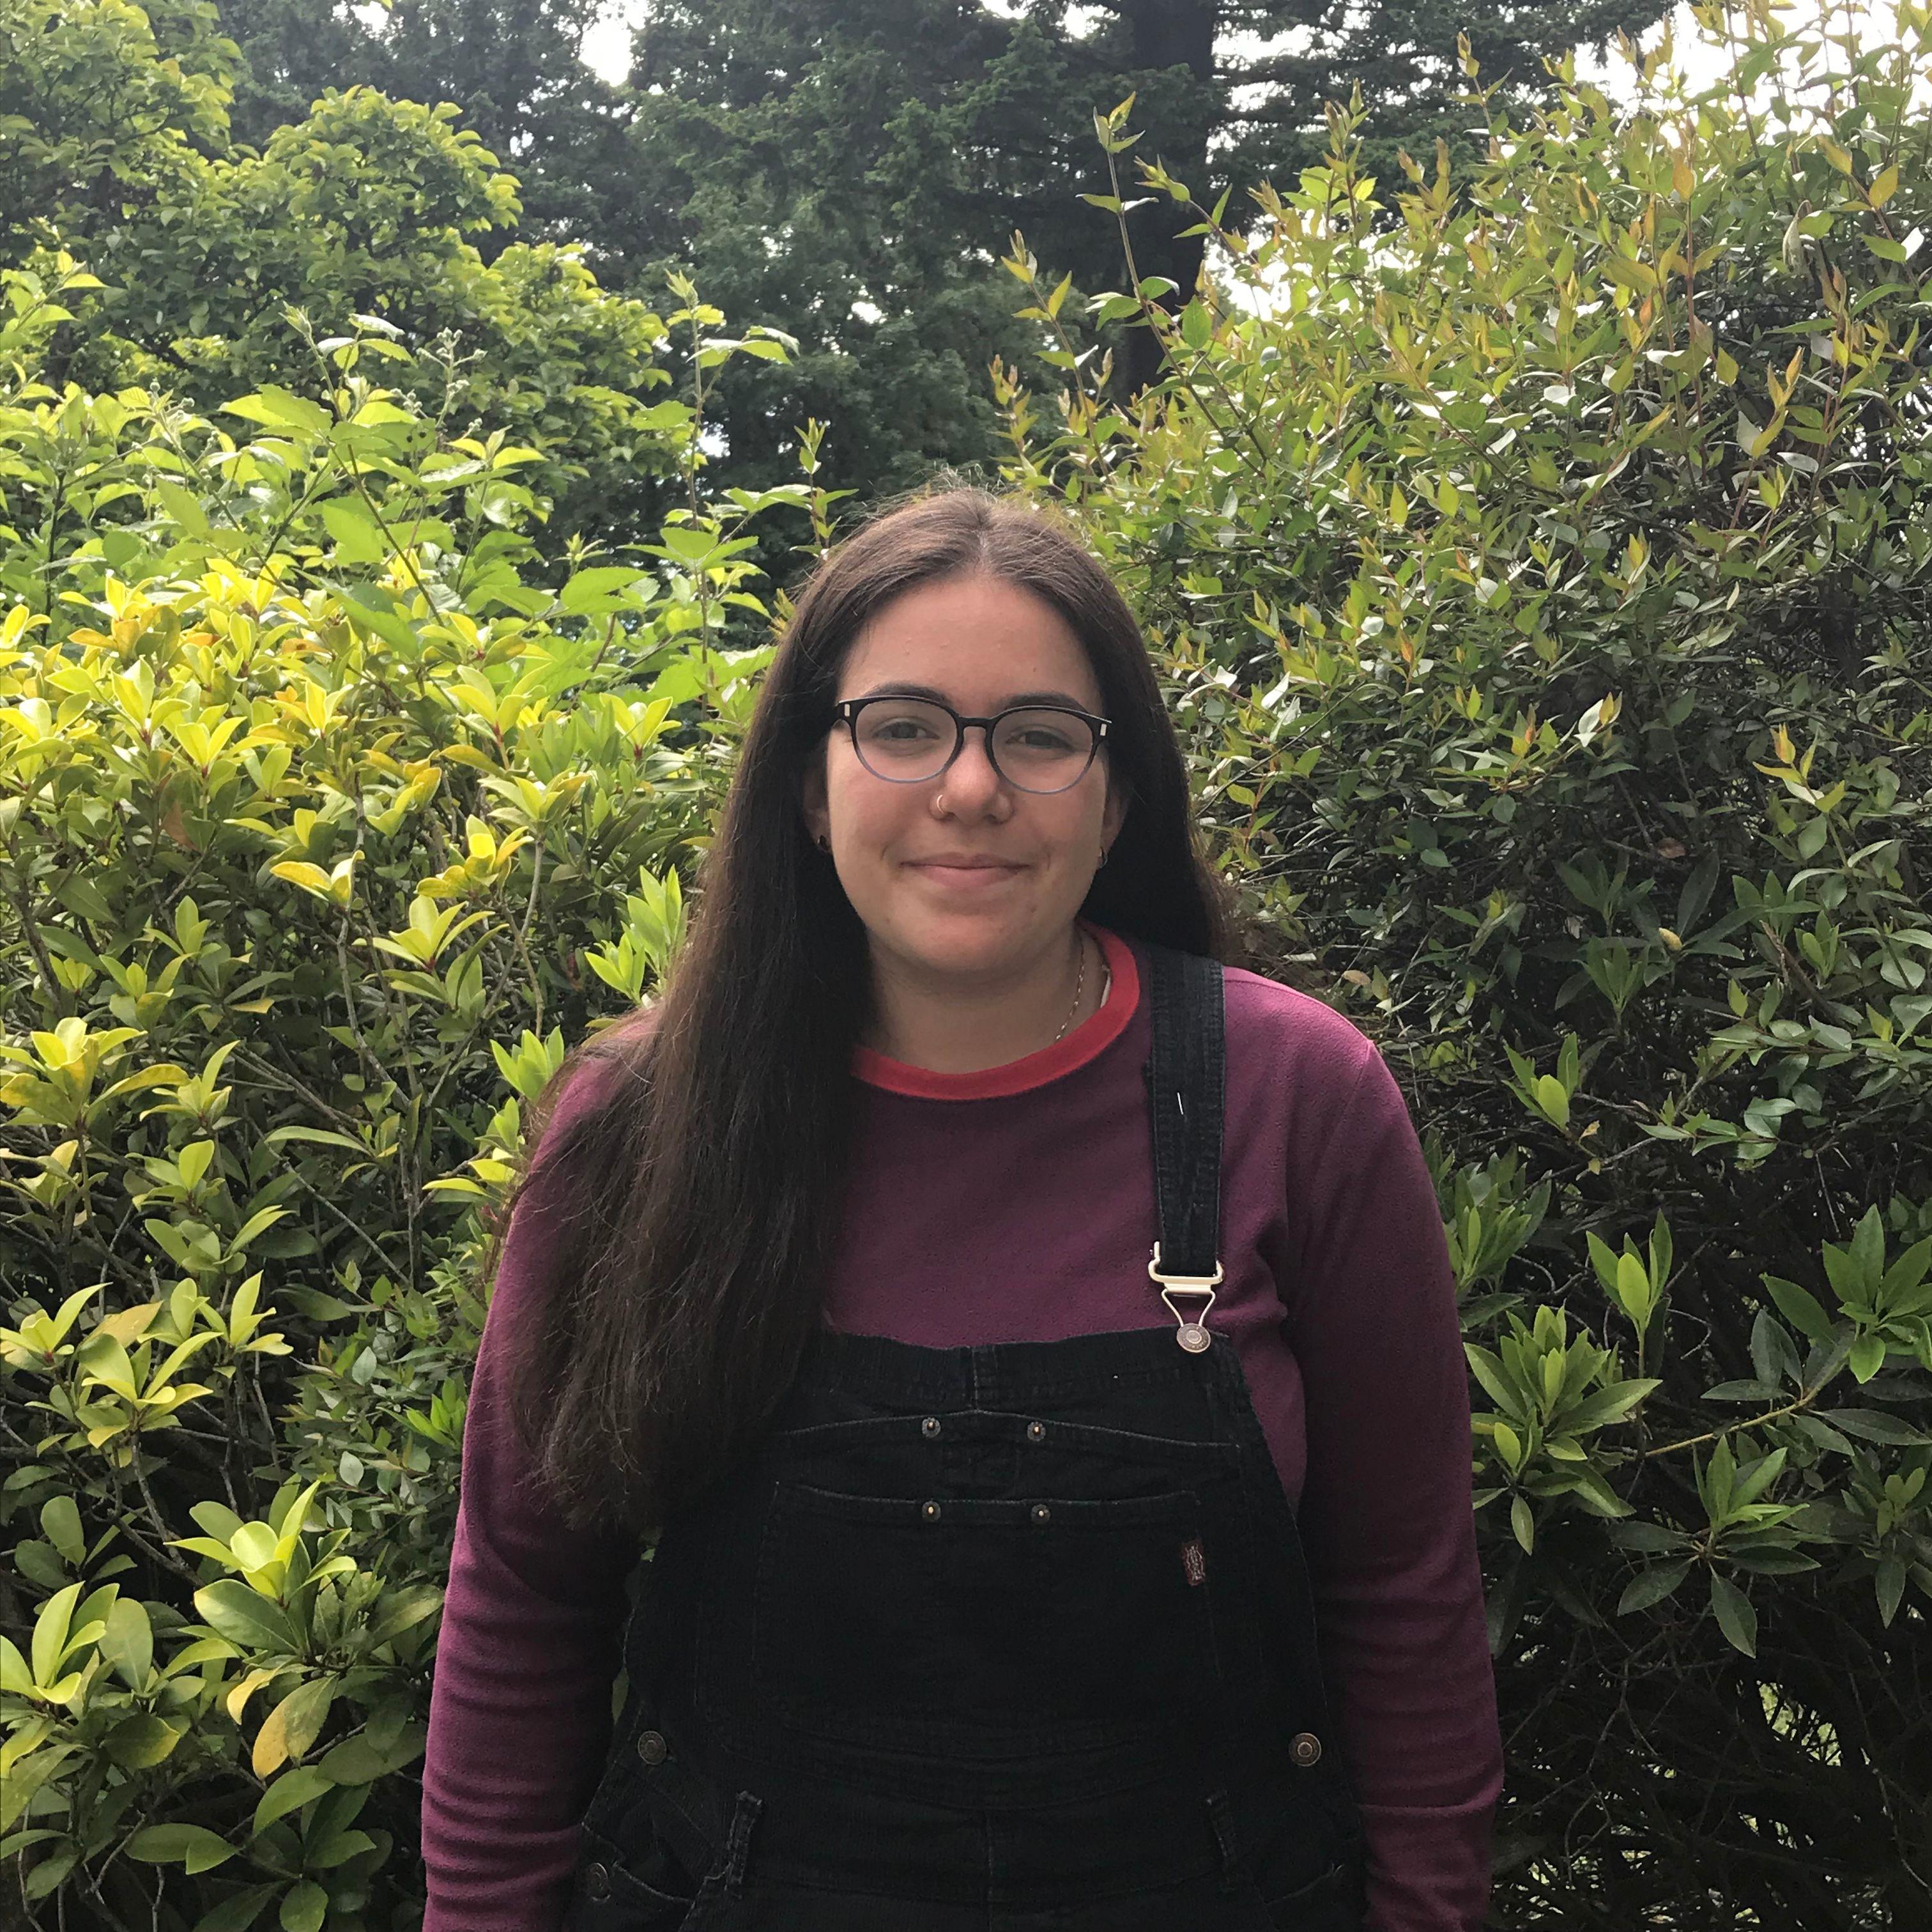 MIRIAM CARON, Assistant Guide